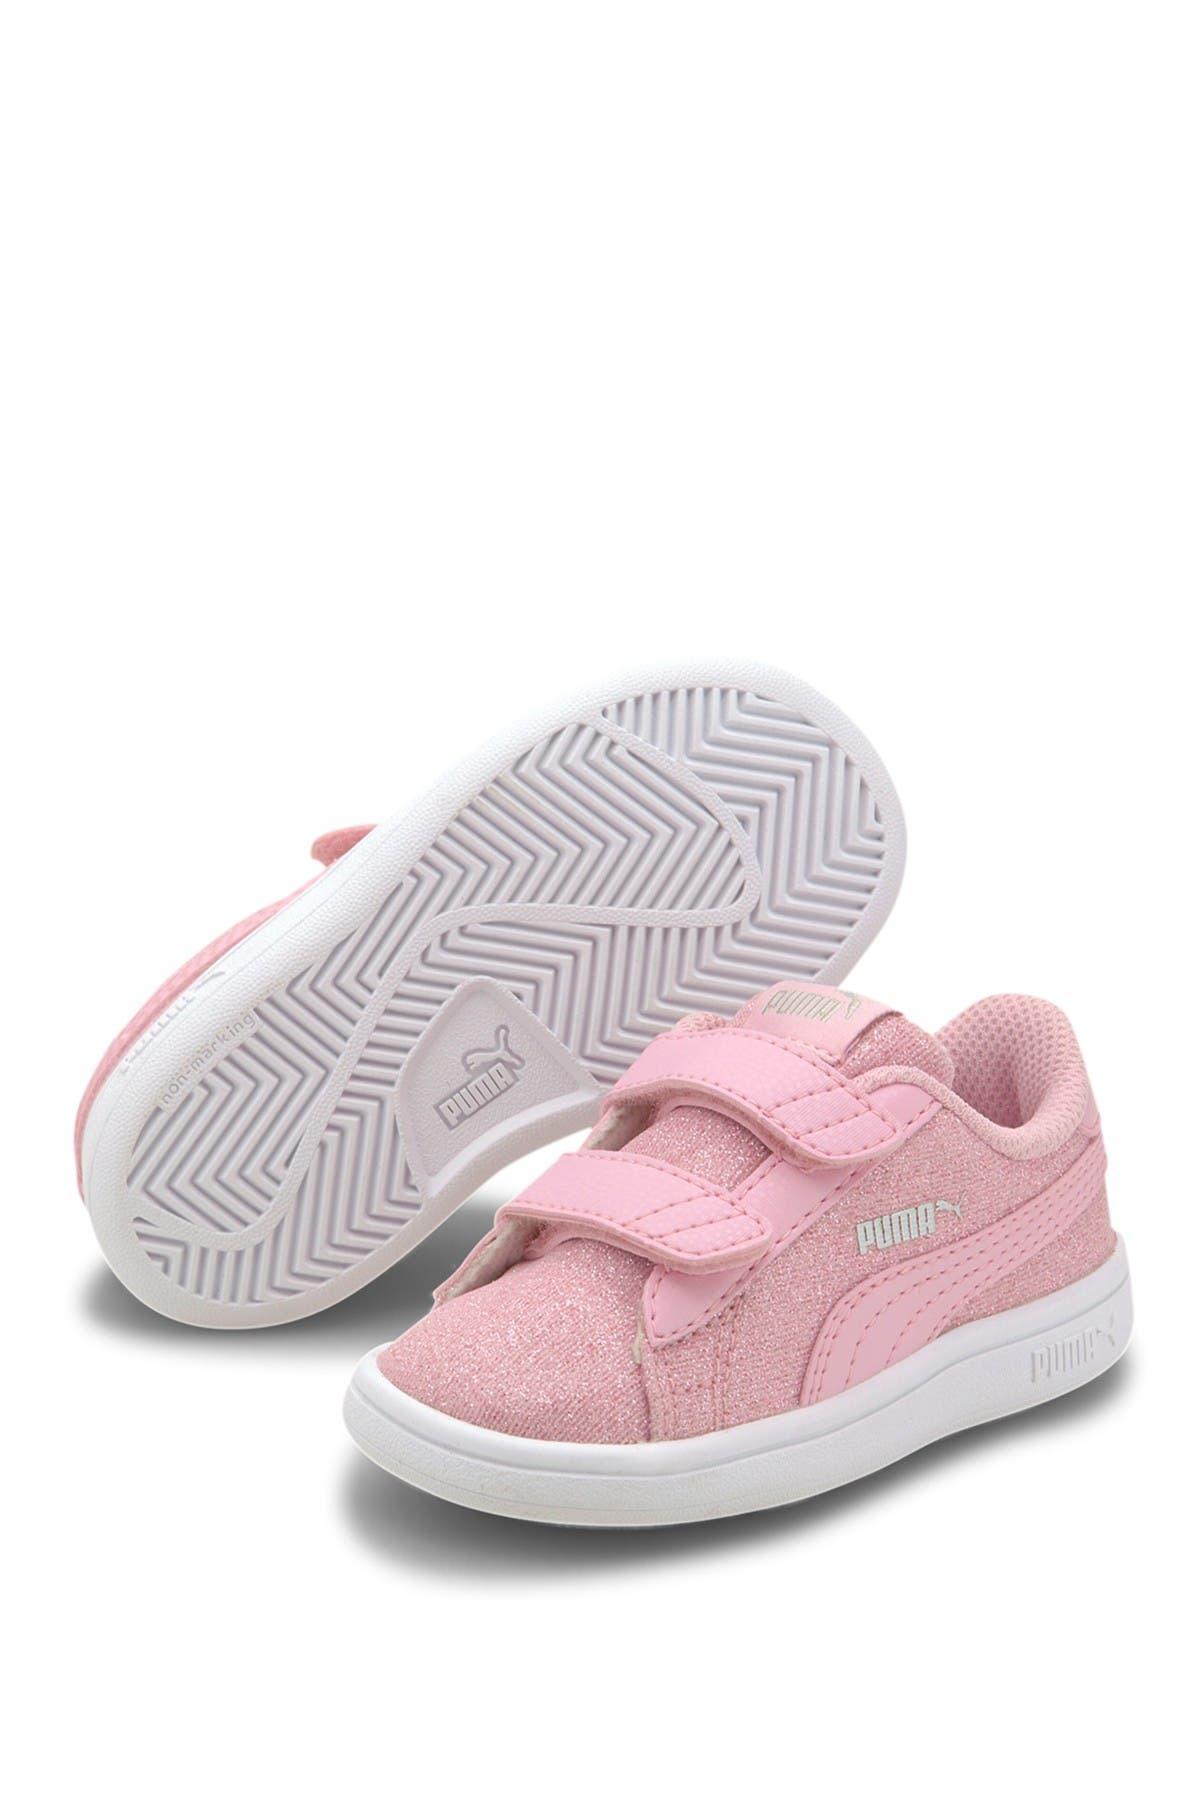 PUMA | Smash V2 Glitz Glam V Sneaker